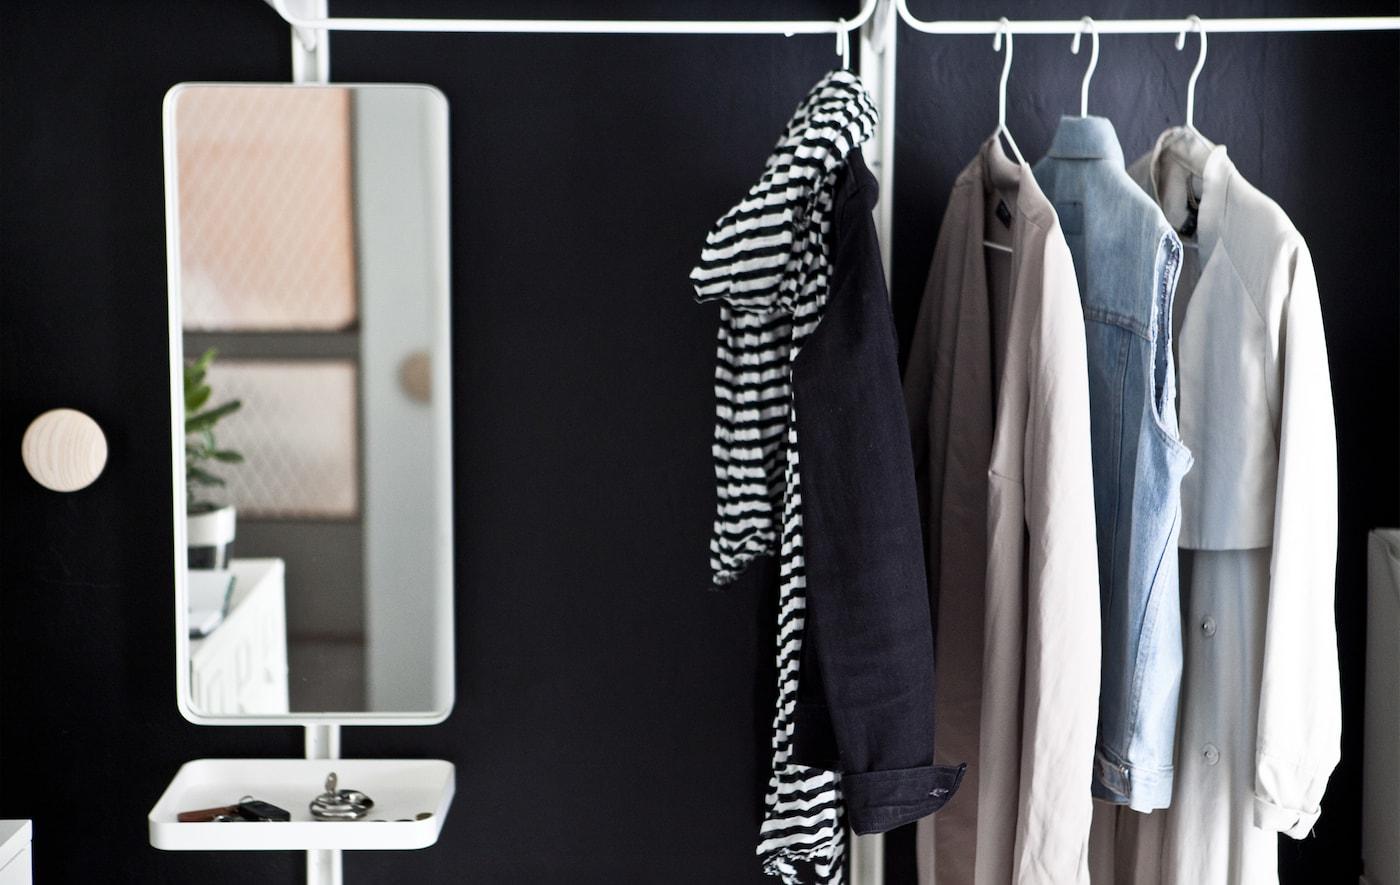 Abiti, giacche, cappotti e uno specchio con vassoio appesi a un binario sullo sfondo di una parete nera - IKEAd a mirror with a small tray hanging on a rail against a black wall.